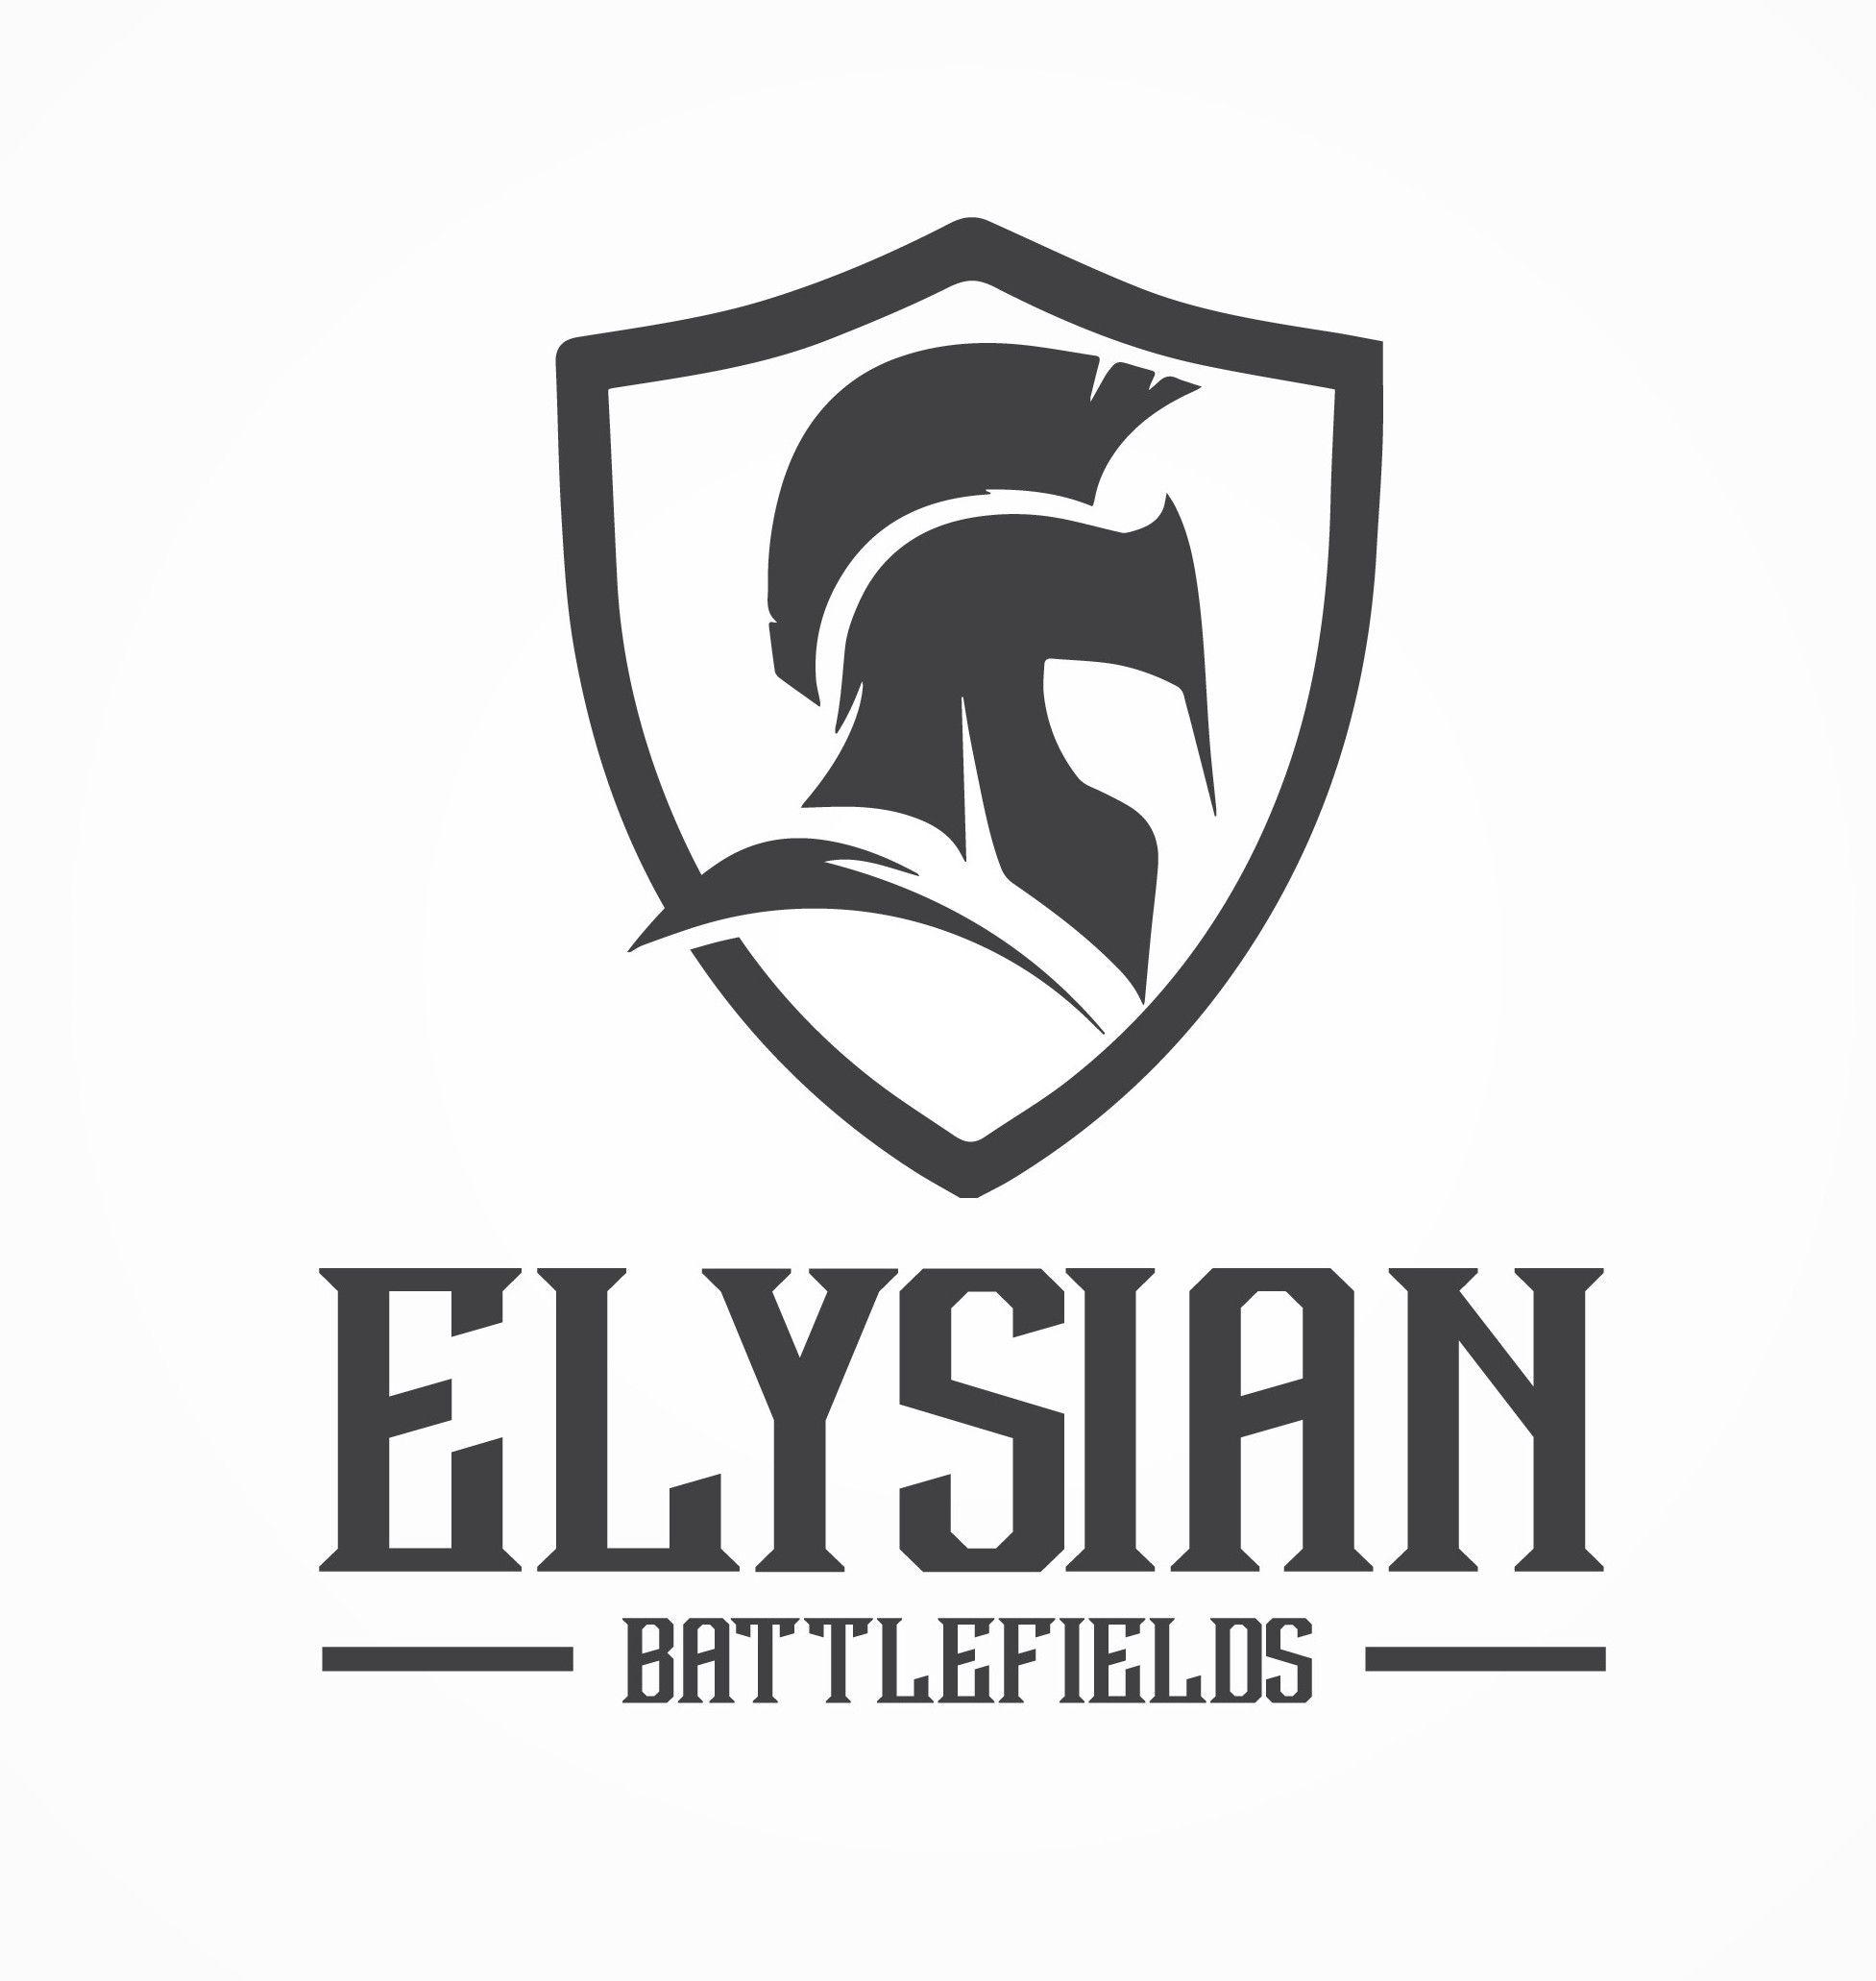 Elysian Battlefields